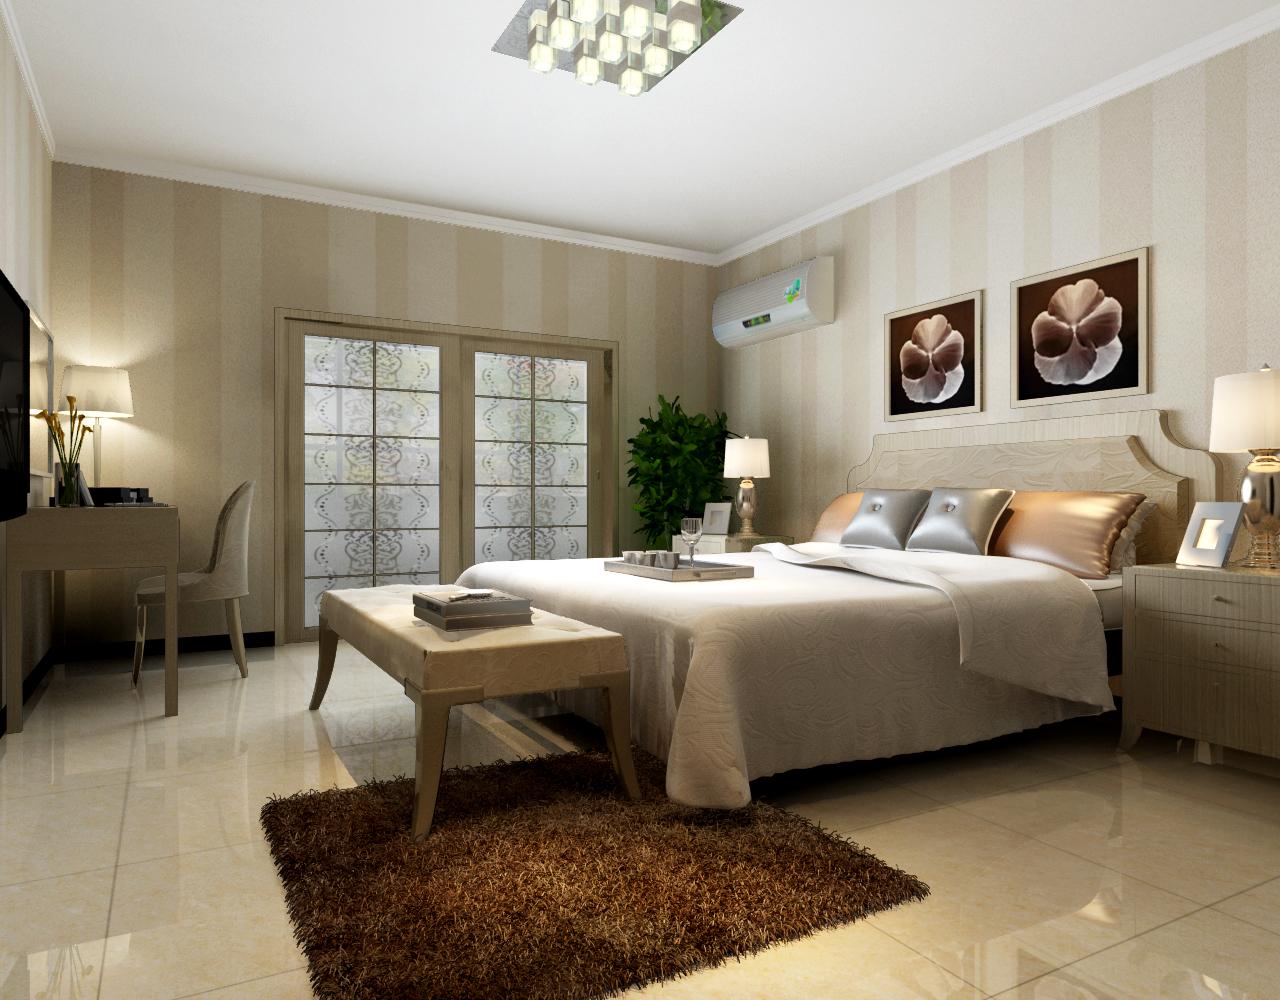 三居 现代时尚装 设计案例 观湖国际 卧室图片来自张樂在中建观湖国际 三居 现代时尚装修的分享